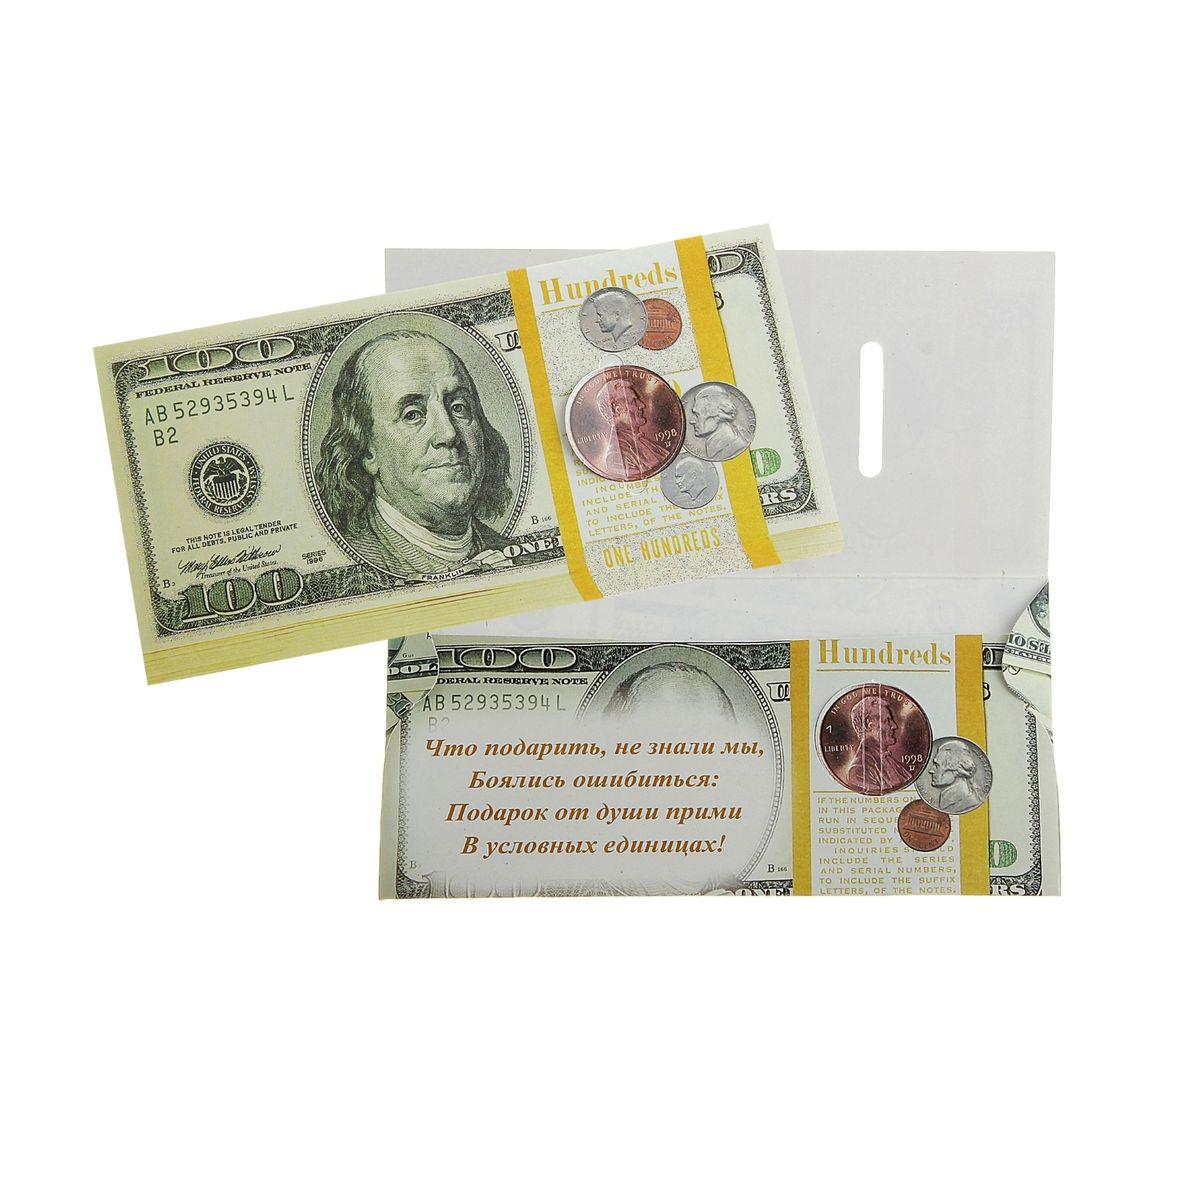 Конверт для денег Sima-land 100 долларов. 778394AM402024Конверт для денег Sima-land 100 долларов изготовлен из картона и украшен яркой картинкой с изображением долларов. Это необычная красивая одежка для денежного подарка, а так же отличная возможность сделать его более праздничным и создать прекрасное настроение!